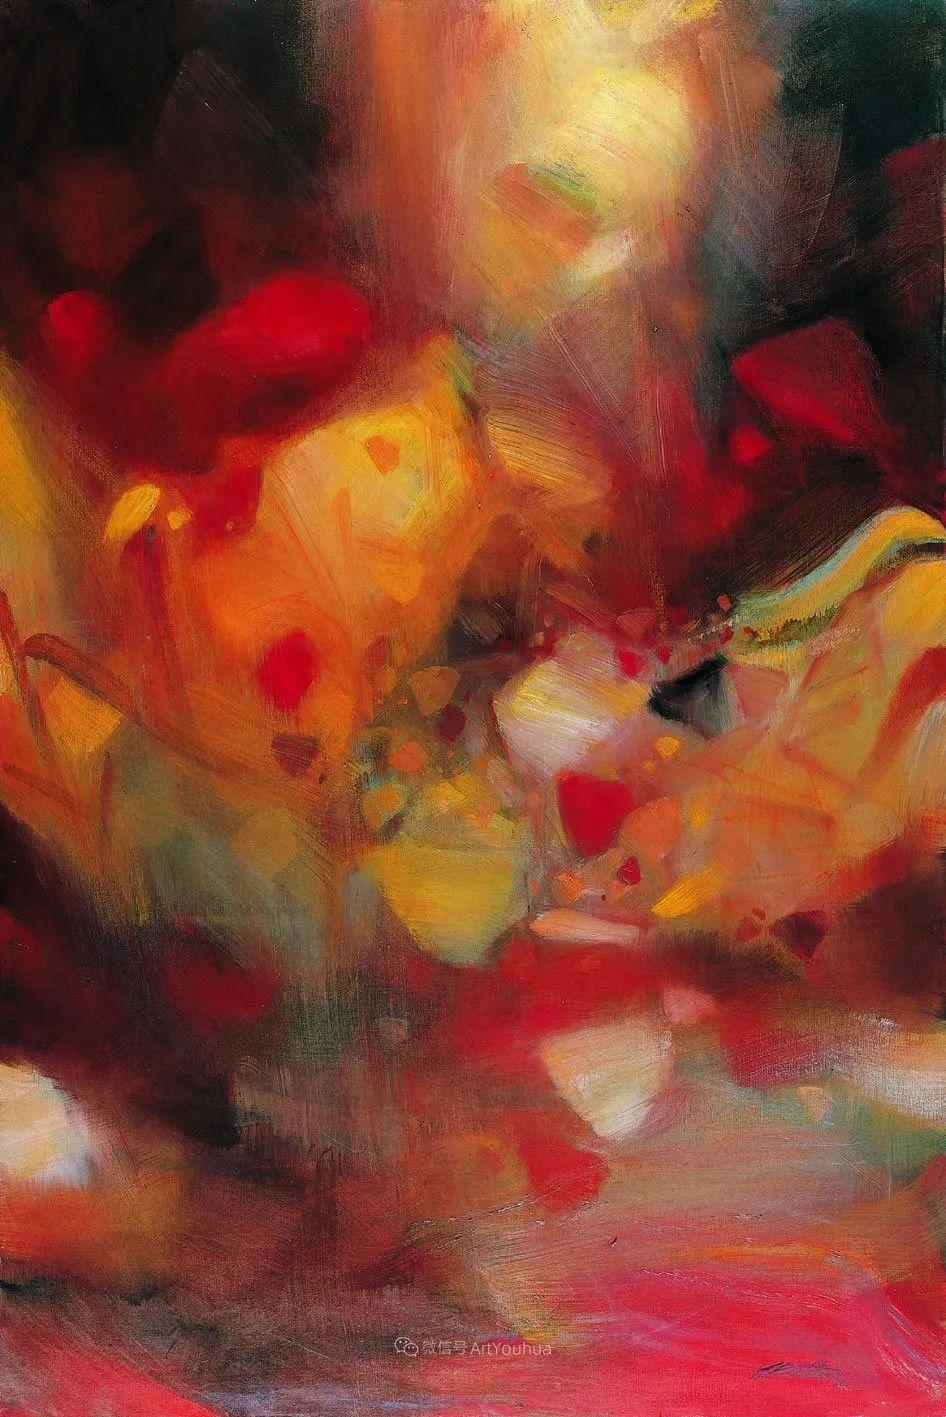 以色彩写诗,具象转抽象,朱德群作品欣赏 (高清)插图23